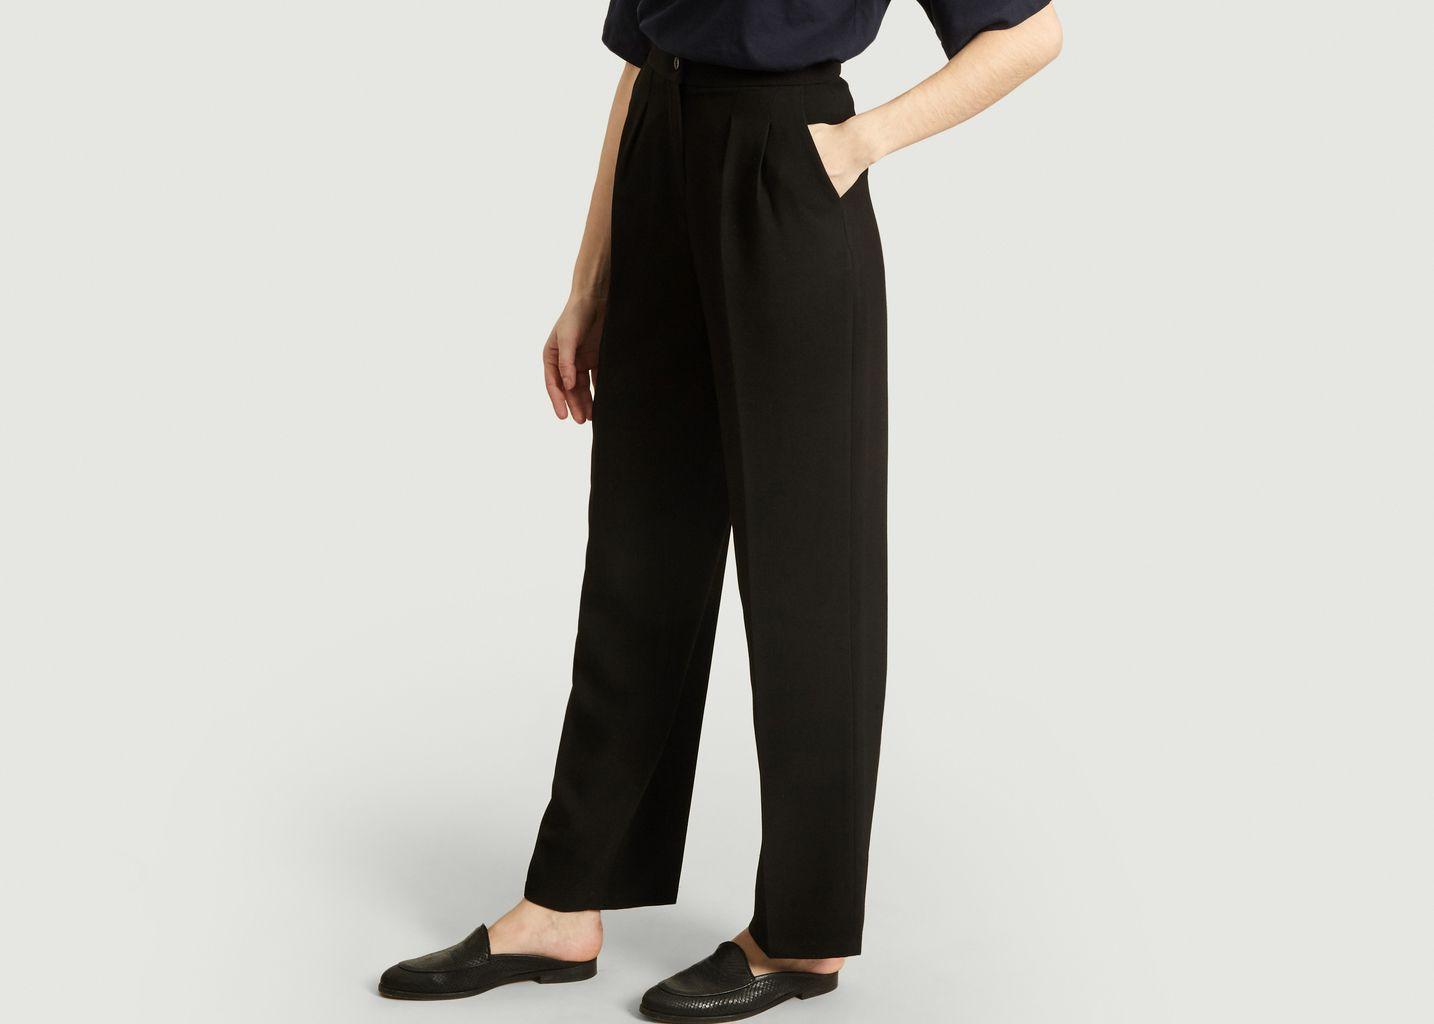 Pantalon de tailleur Valentina - Admise Paris